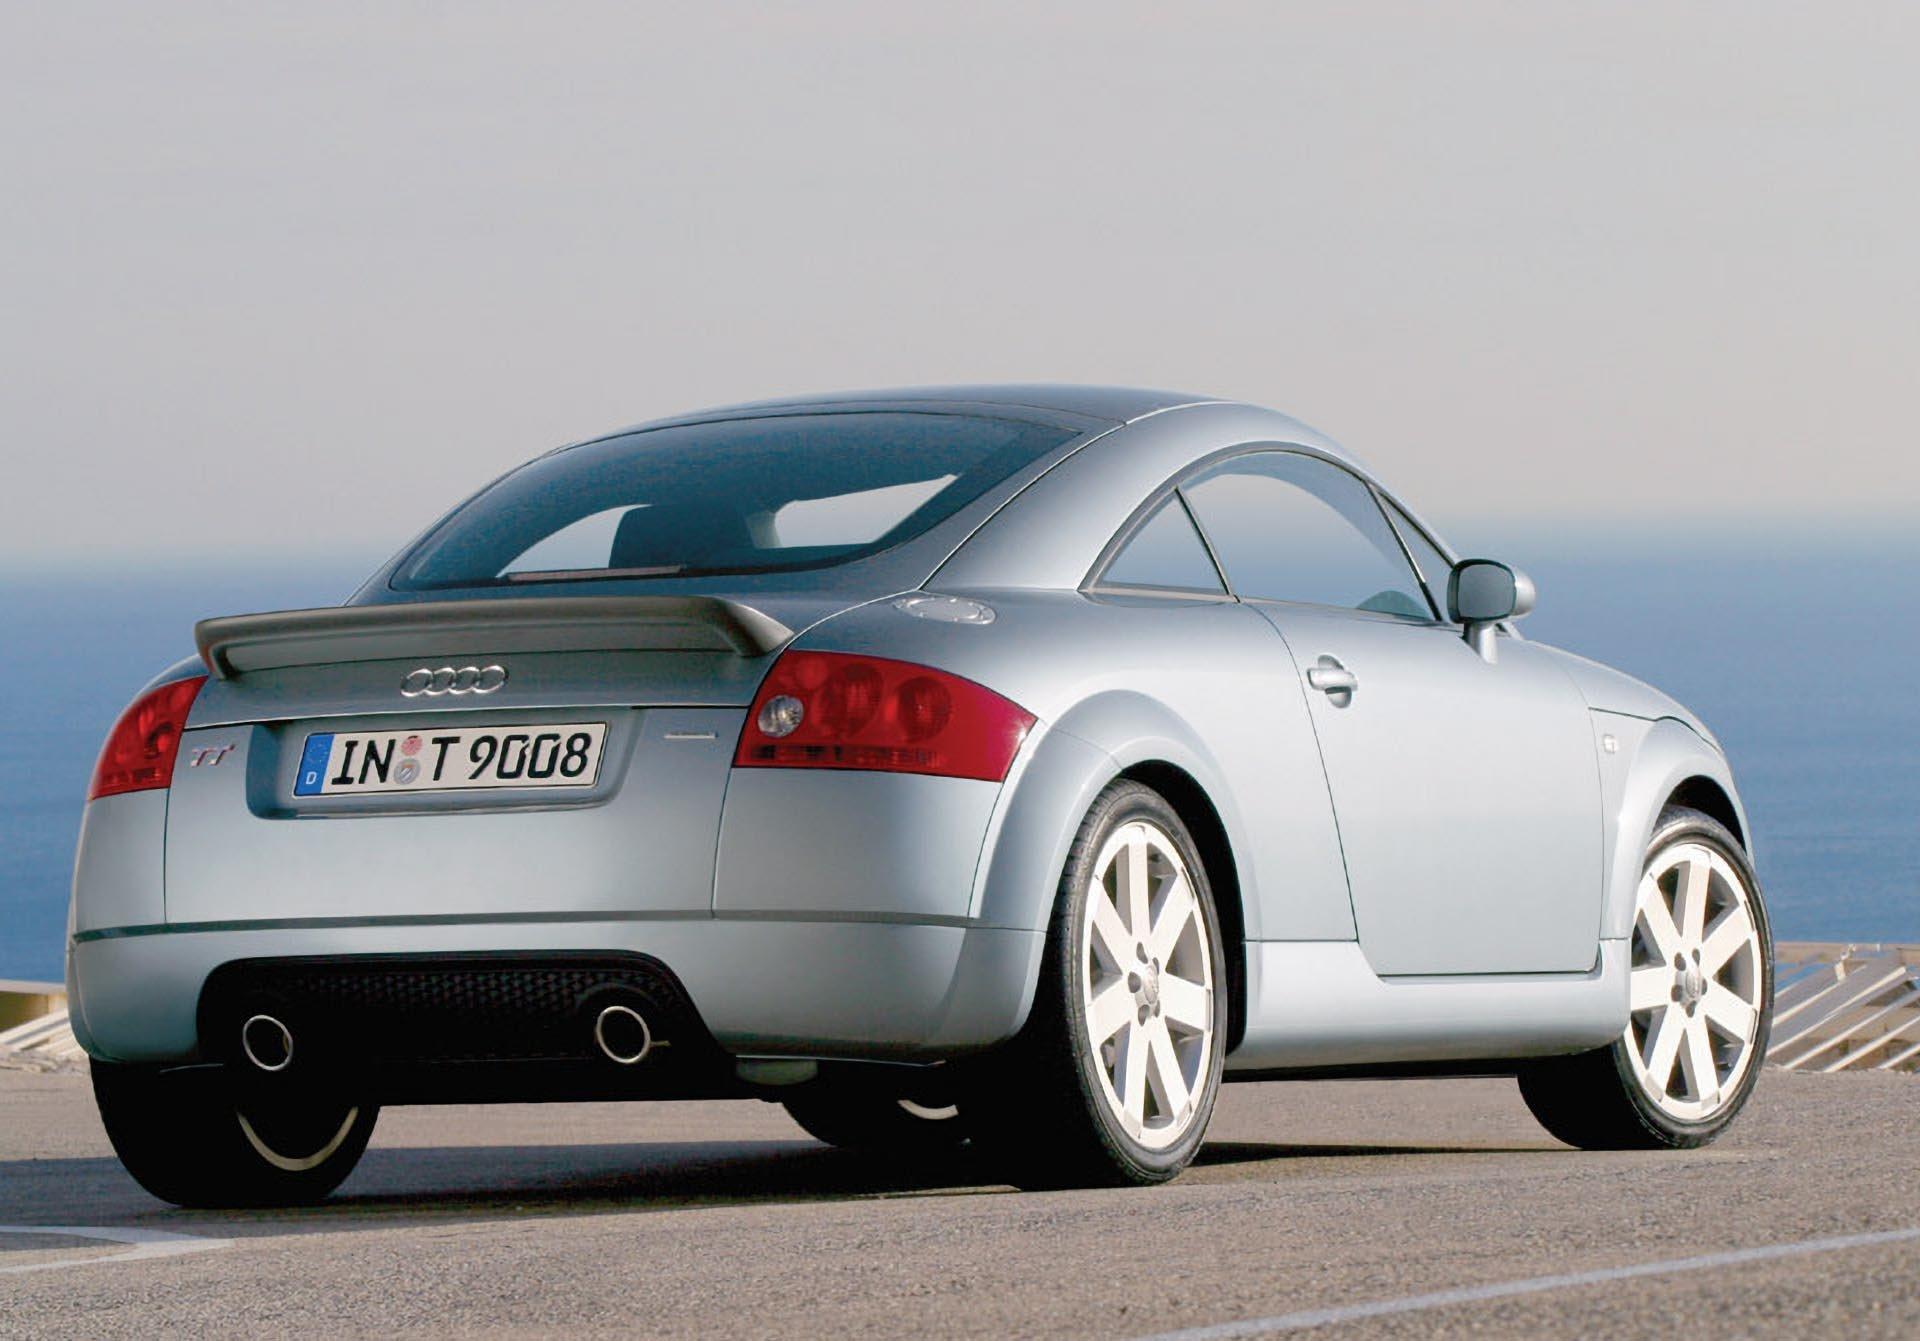 01_Audi TT 225 Quattro rear